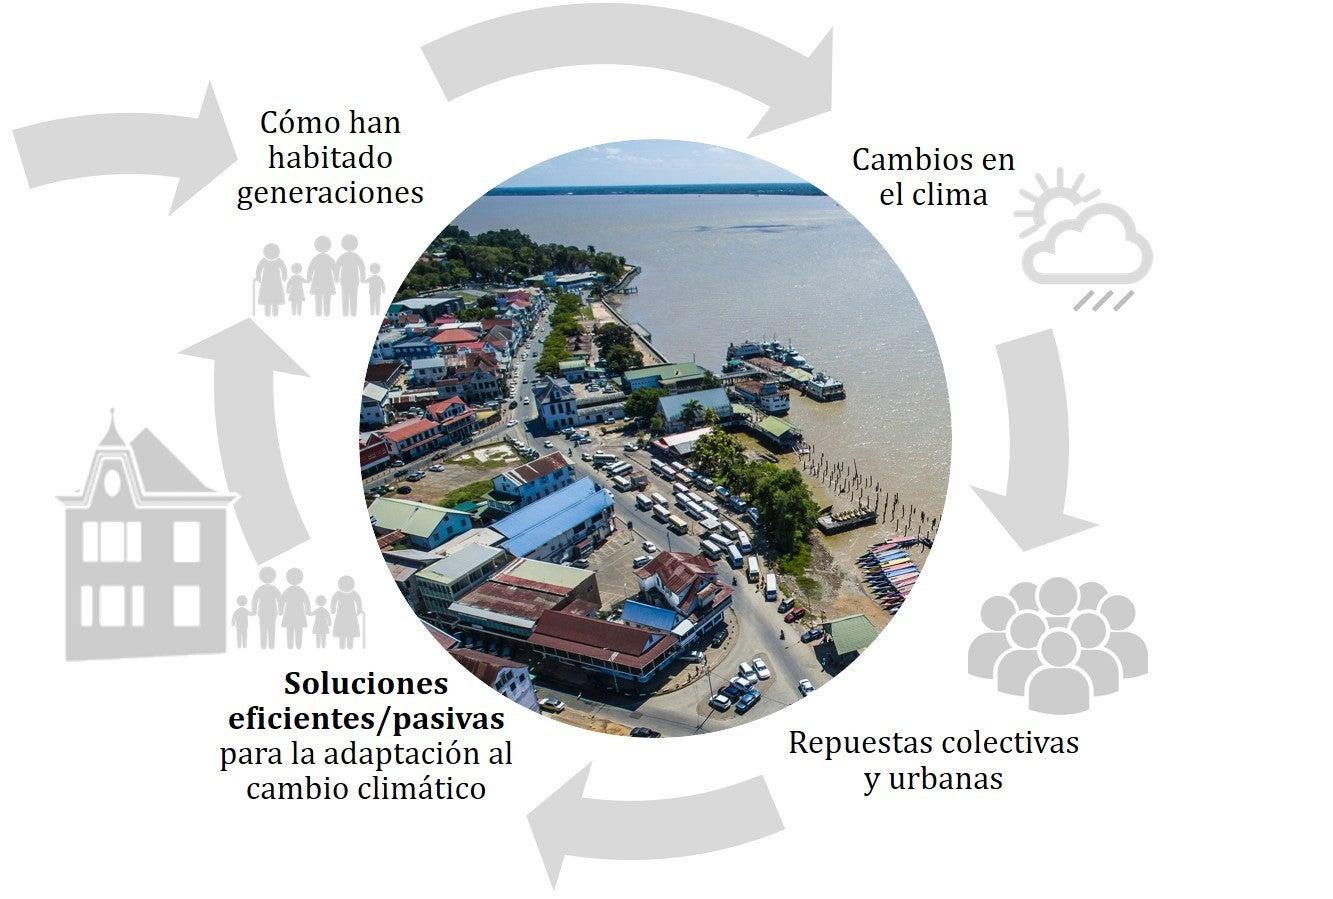 Soluciones eficientes cambio climático